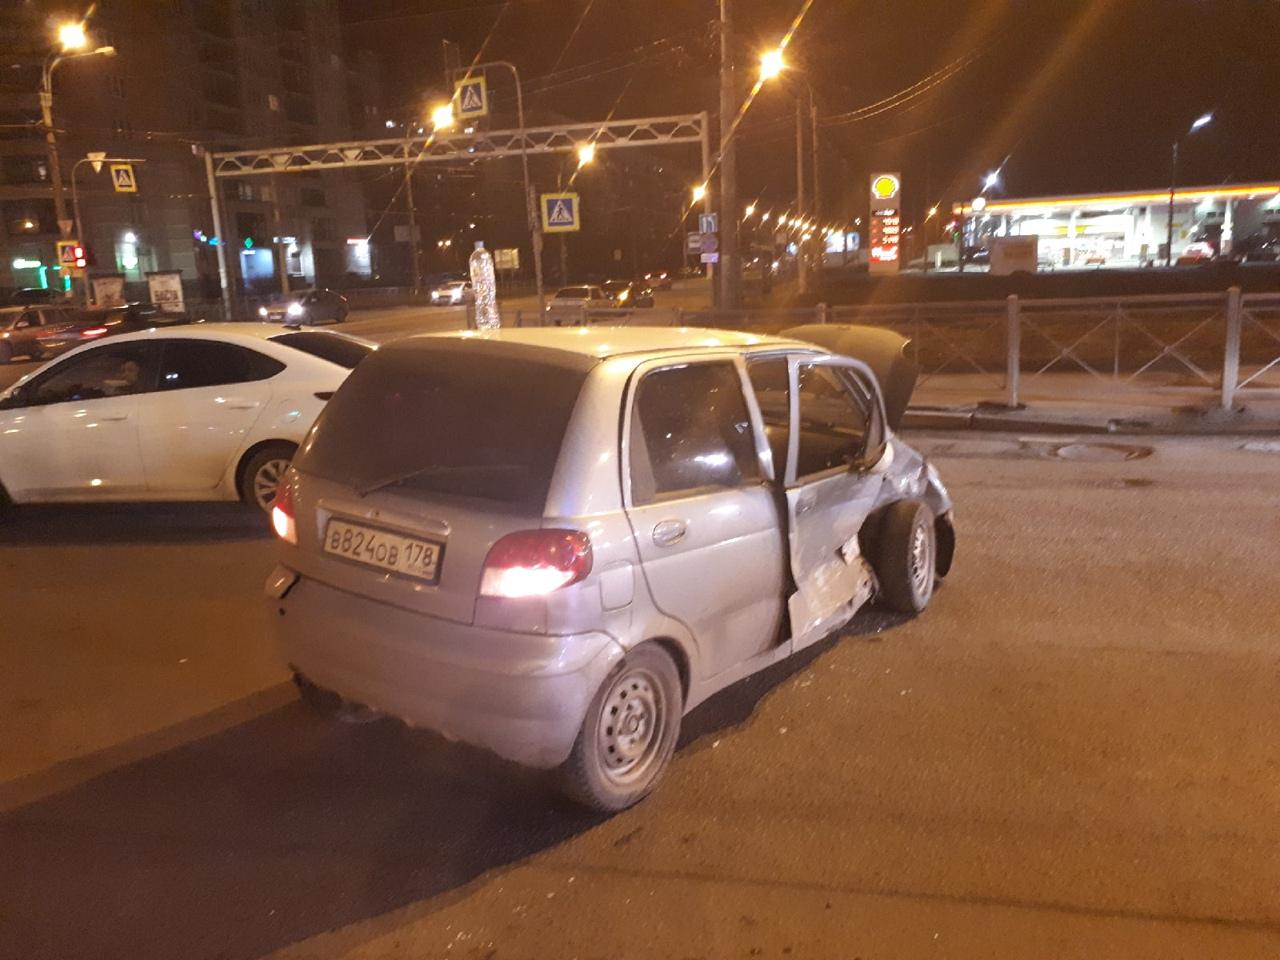 Solaris и Матиз столкнулись на перекрестке Индустриального и Хасанской. Со слов участников: такси с...